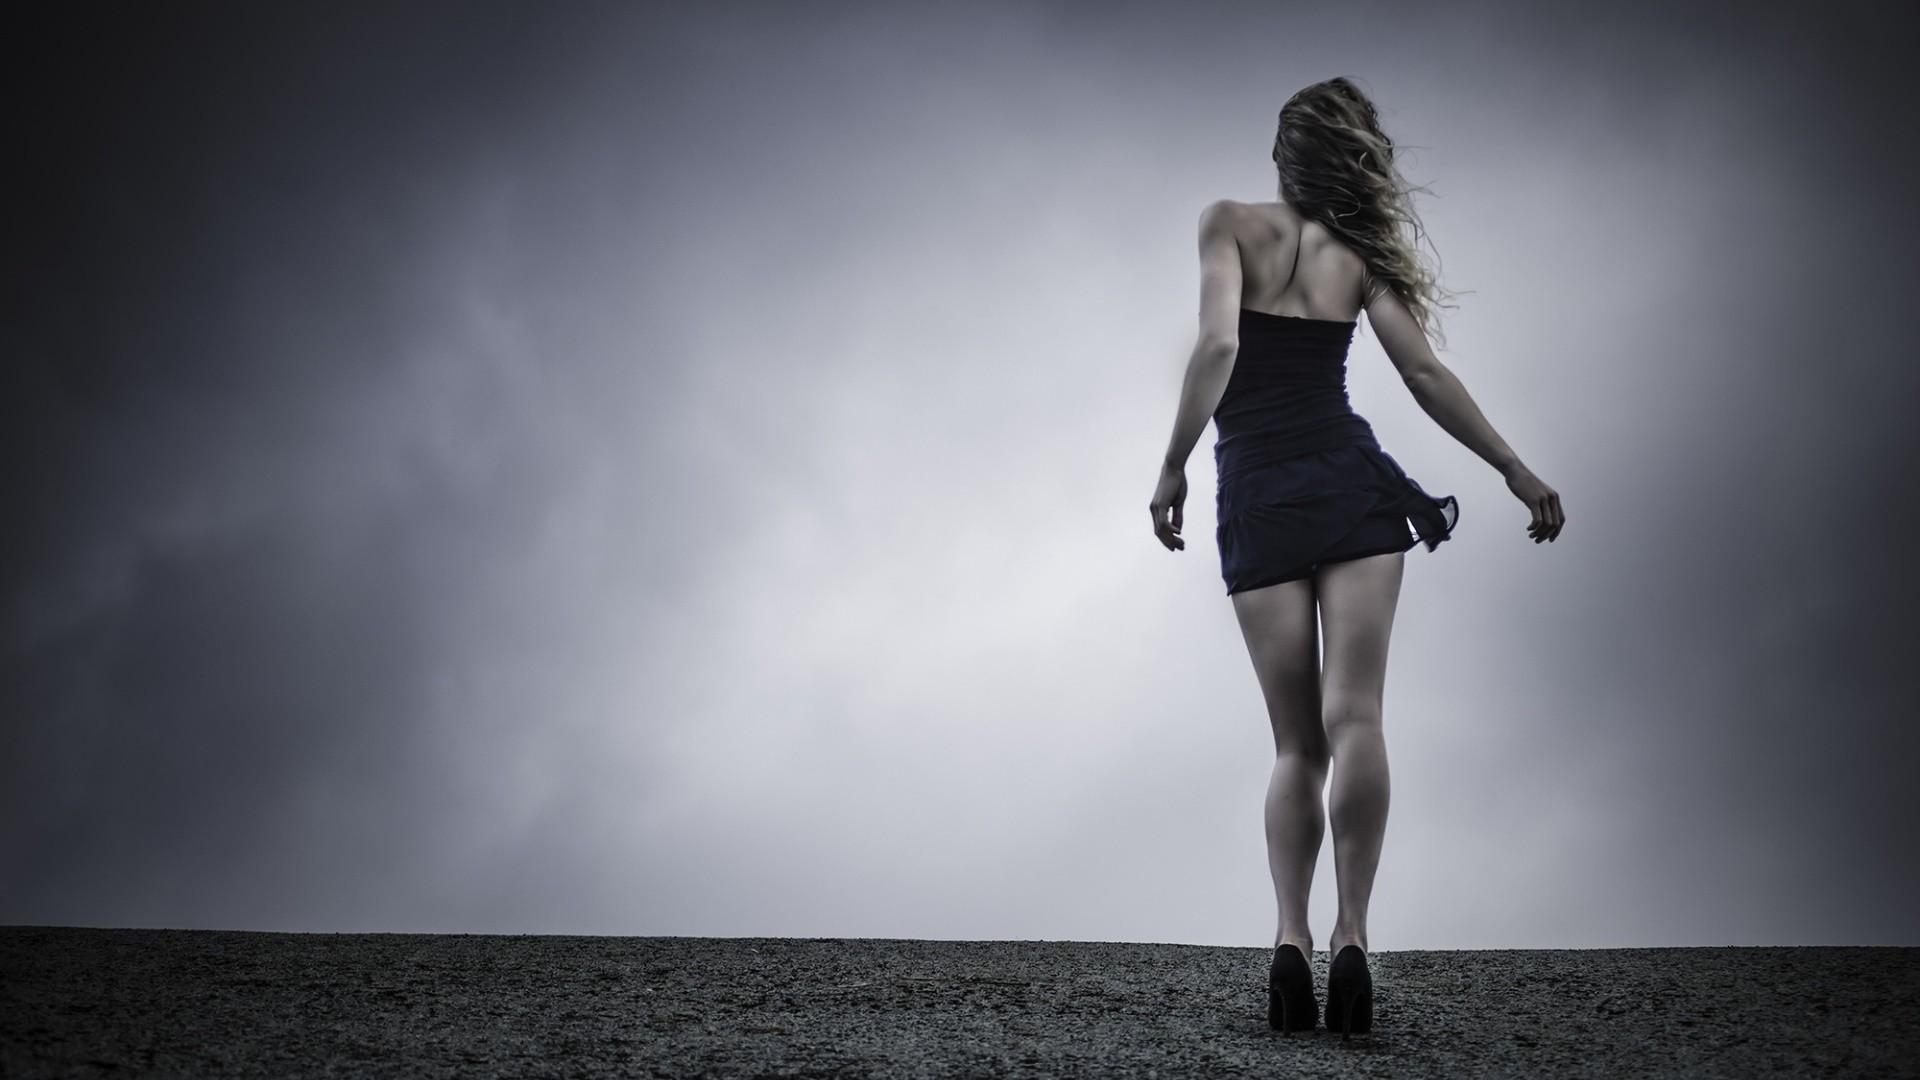 fond d 39 cran femmes en plein air femmes monochrome maquette la photographie robe mode. Black Bedroom Furniture Sets. Home Design Ideas